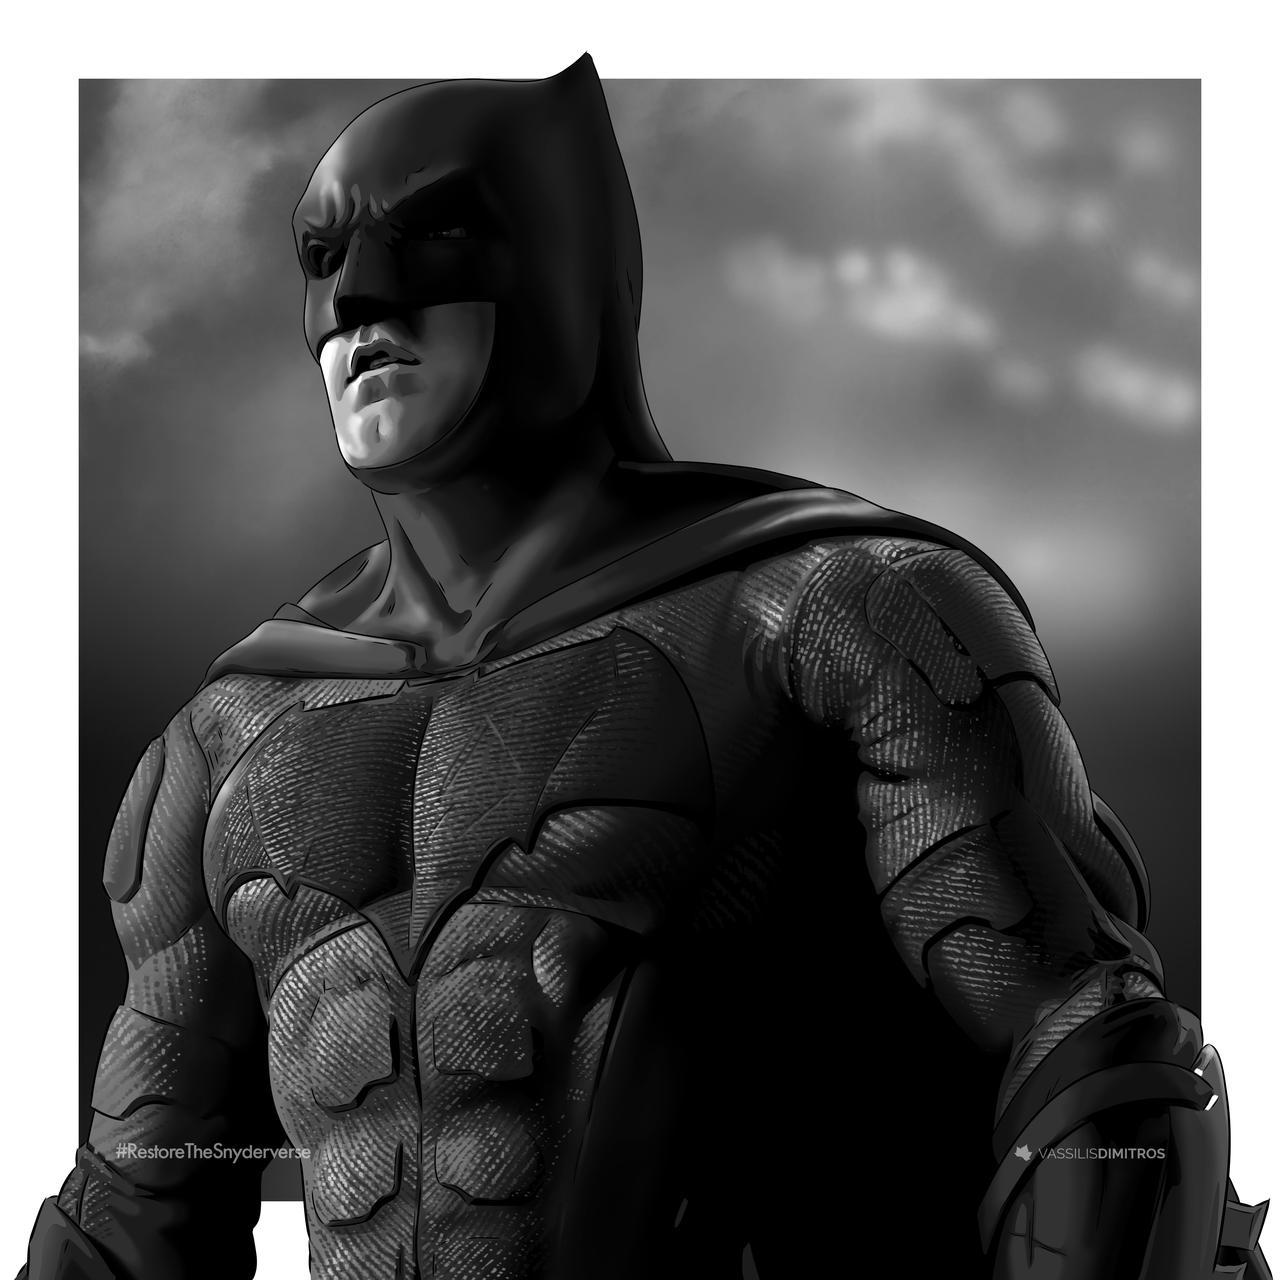 Zack Snyder's Justice League - Batman